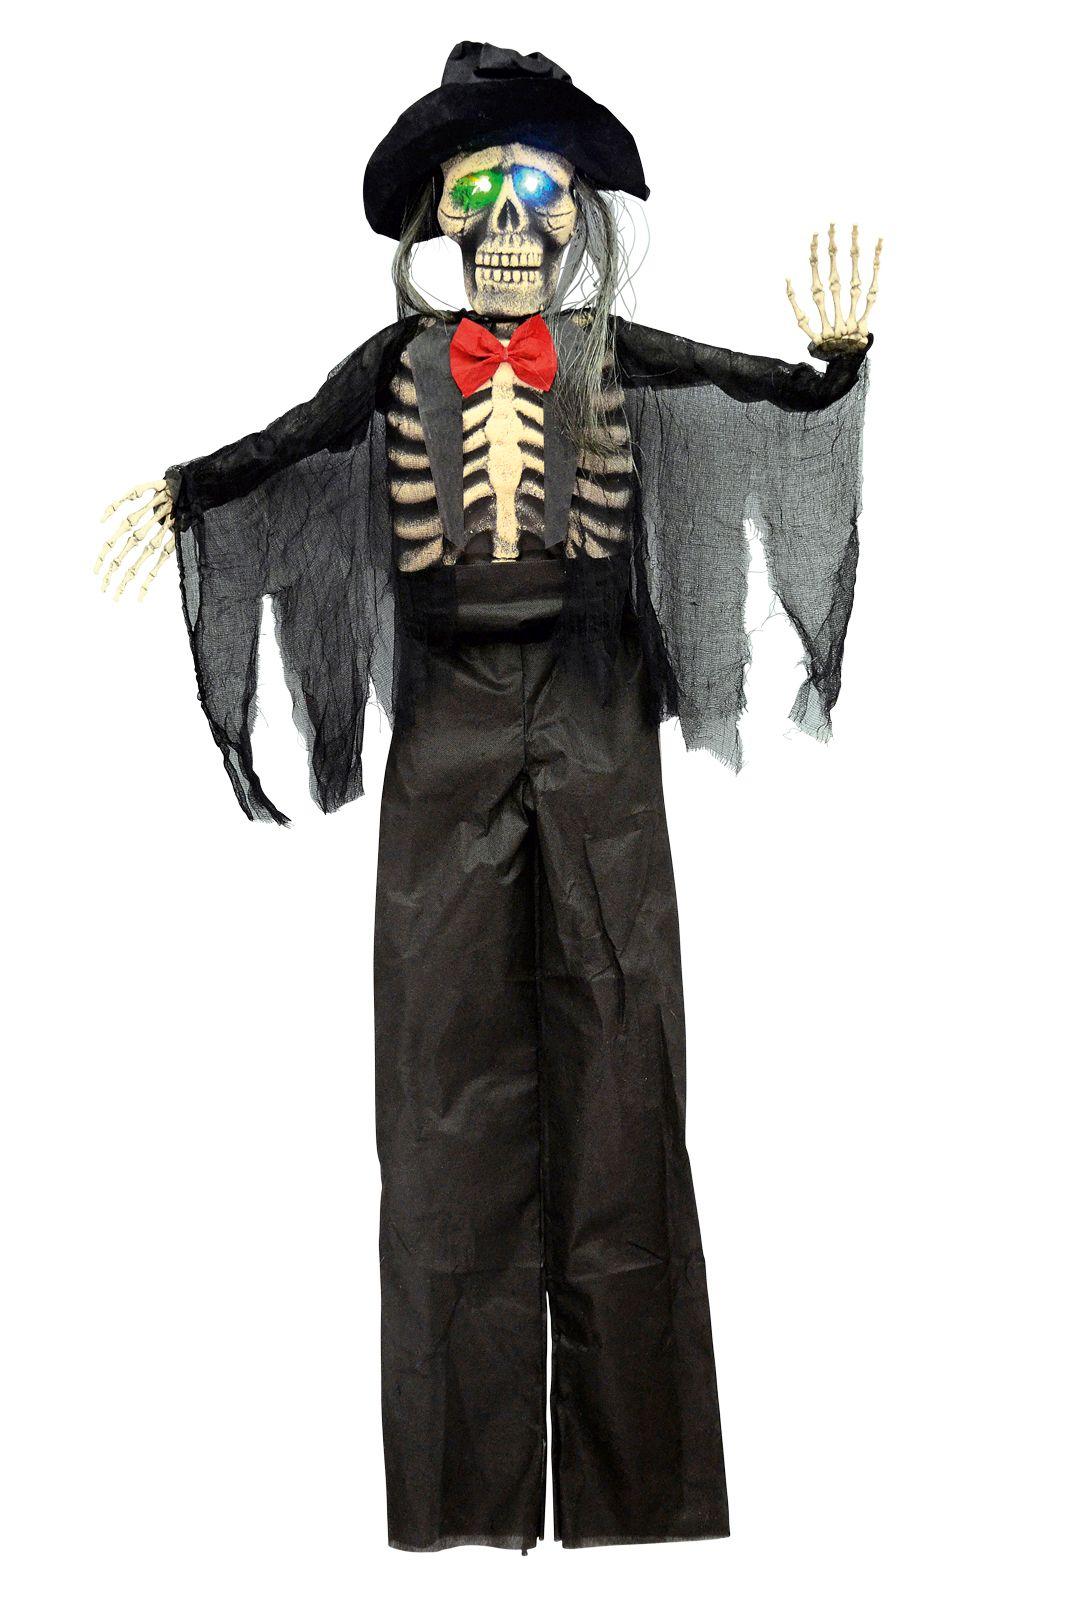 Horror Skelett Bräutigam mit Blinkaugen Deko Halloween inkl Batterien